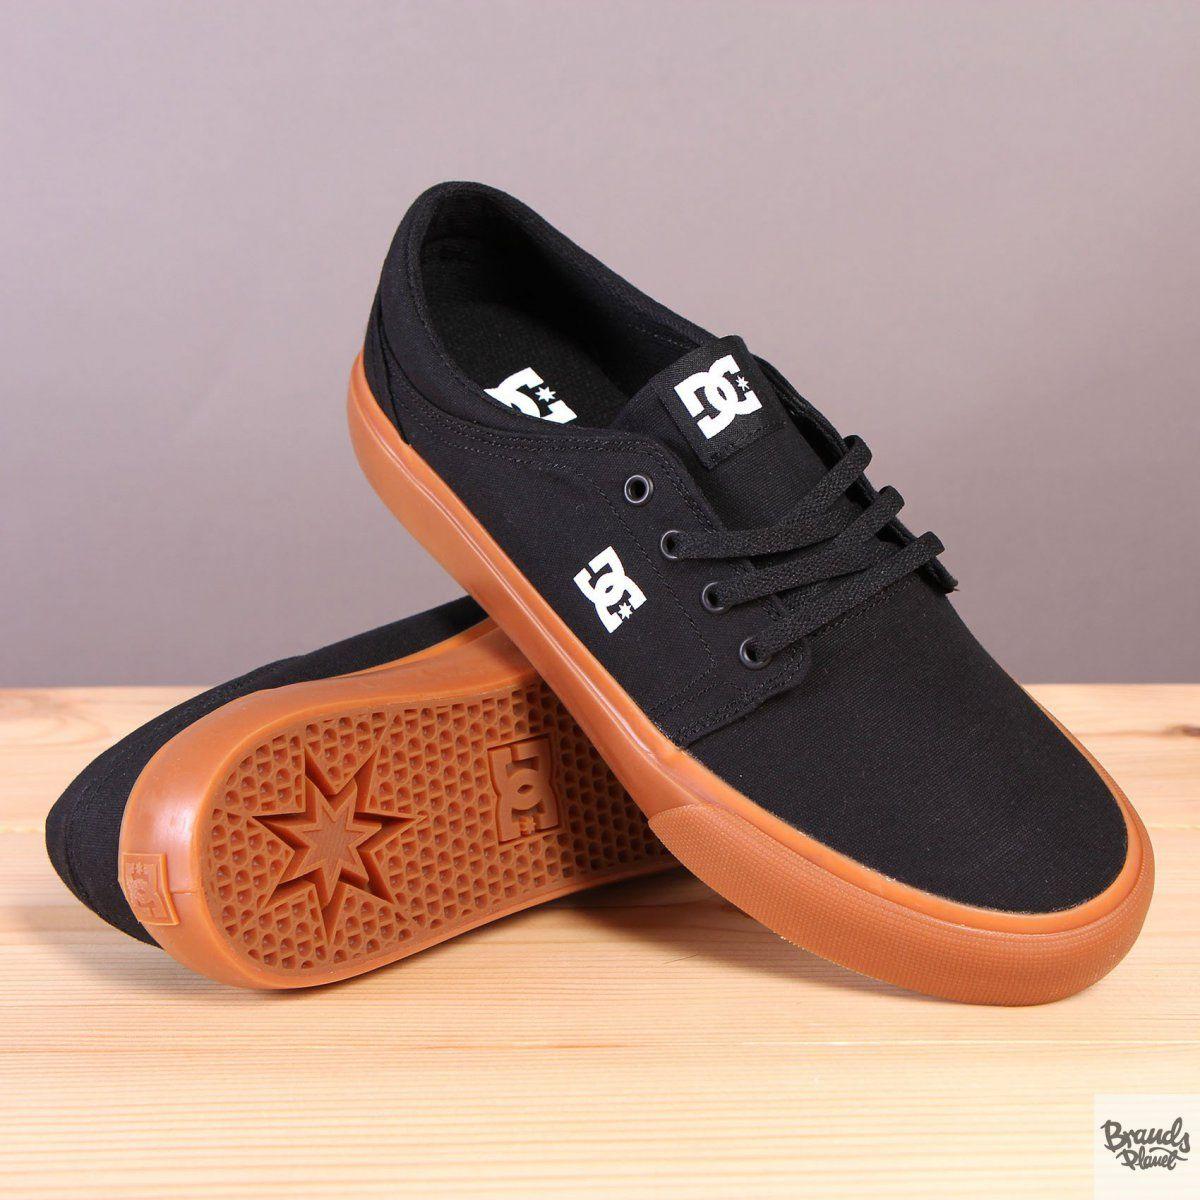 dd6298817ba Czarne trampki męskie na brązowej podeszwie DC Trase TX Black / Gum /  www.brandsplanet.pl / #dc shoes #dc trase